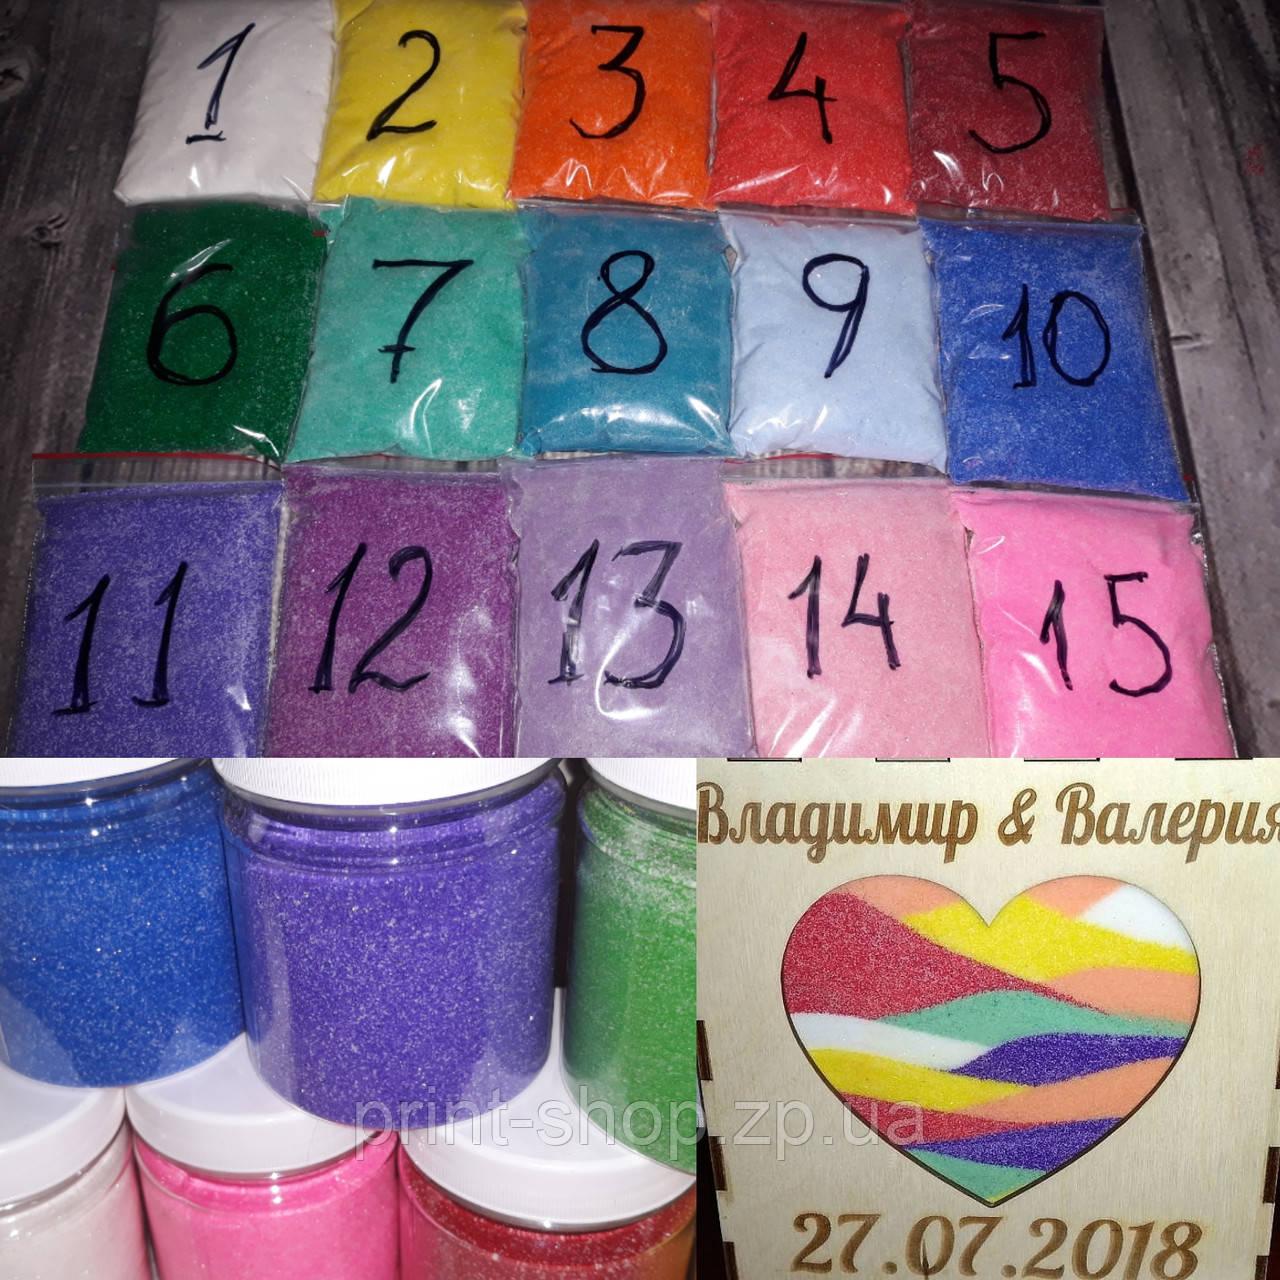 Набор для проведення пісочної церемонії. Рамка + 6 песков